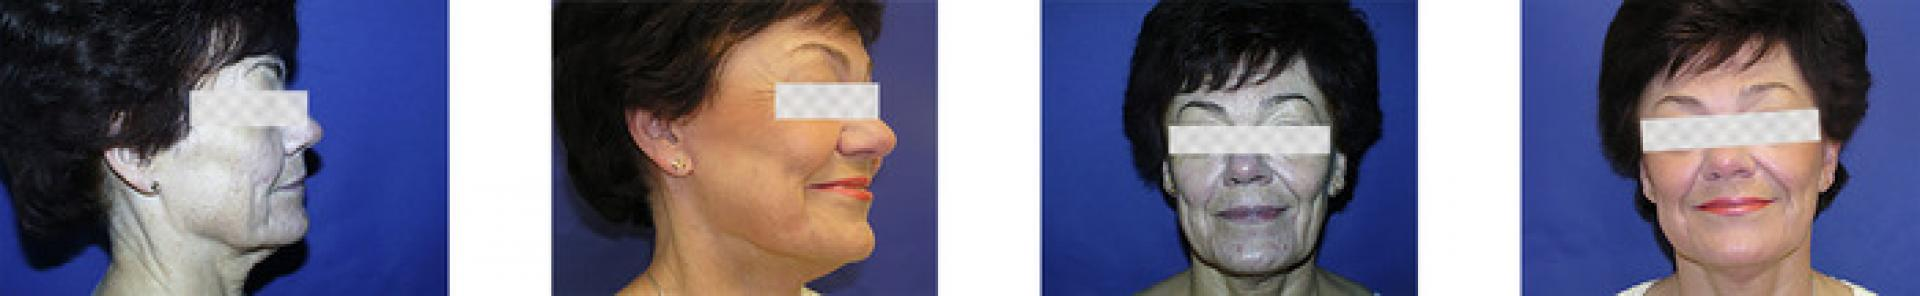 facelift smas2.jpg